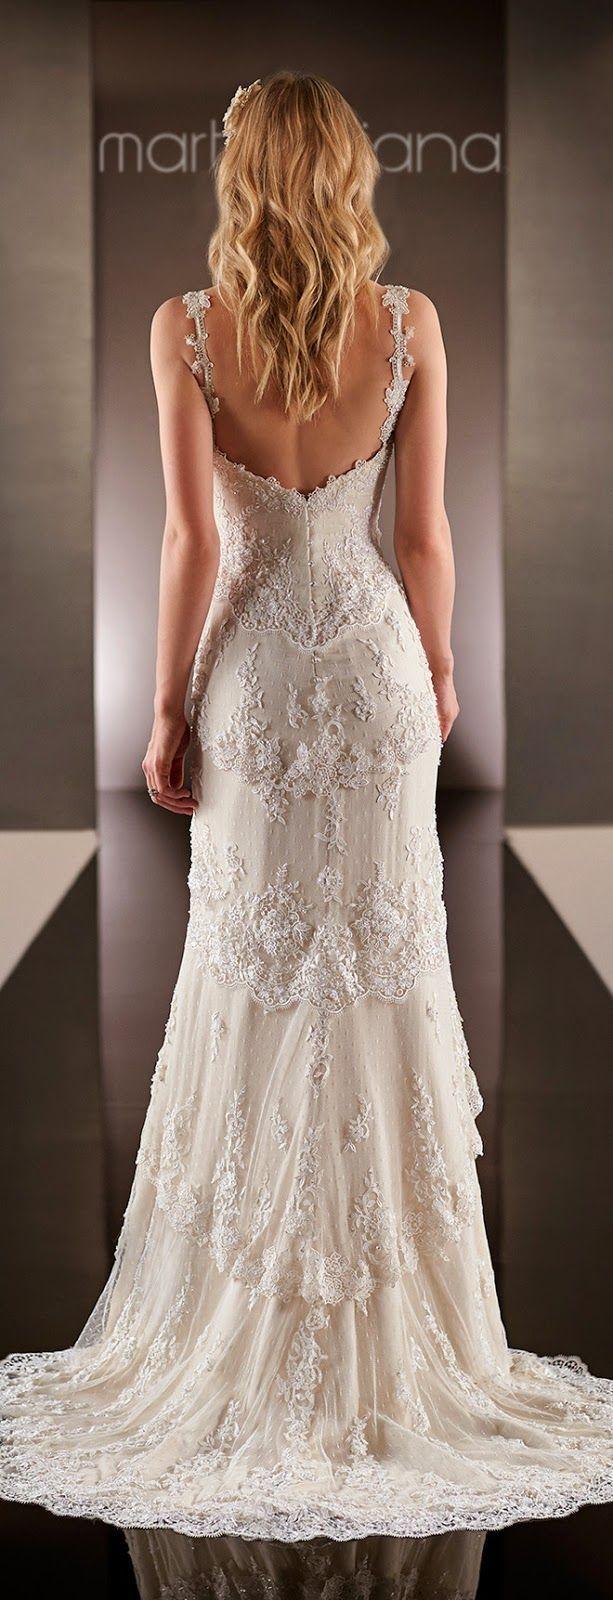 gebrauchte hochzeitskleider m nchen 5 besten wedding dress hochzeitskleider und m nchen. Black Bedroom Furniture Sets. Home Design Ideas